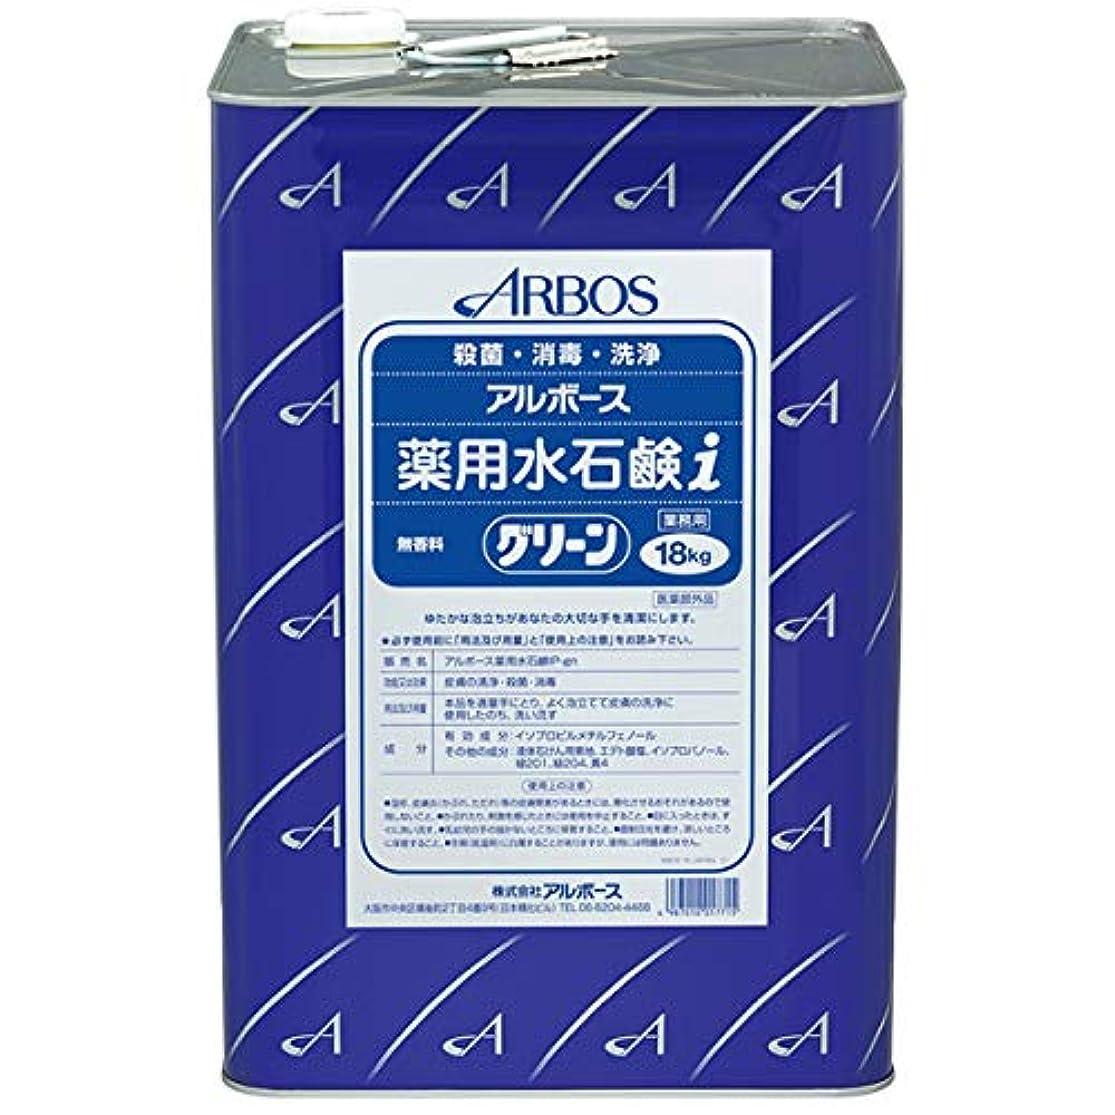 マークダウンプレビスサイト隙間【清潔キレイ館】アルボース薬用水石鹸グリーンi(18L)